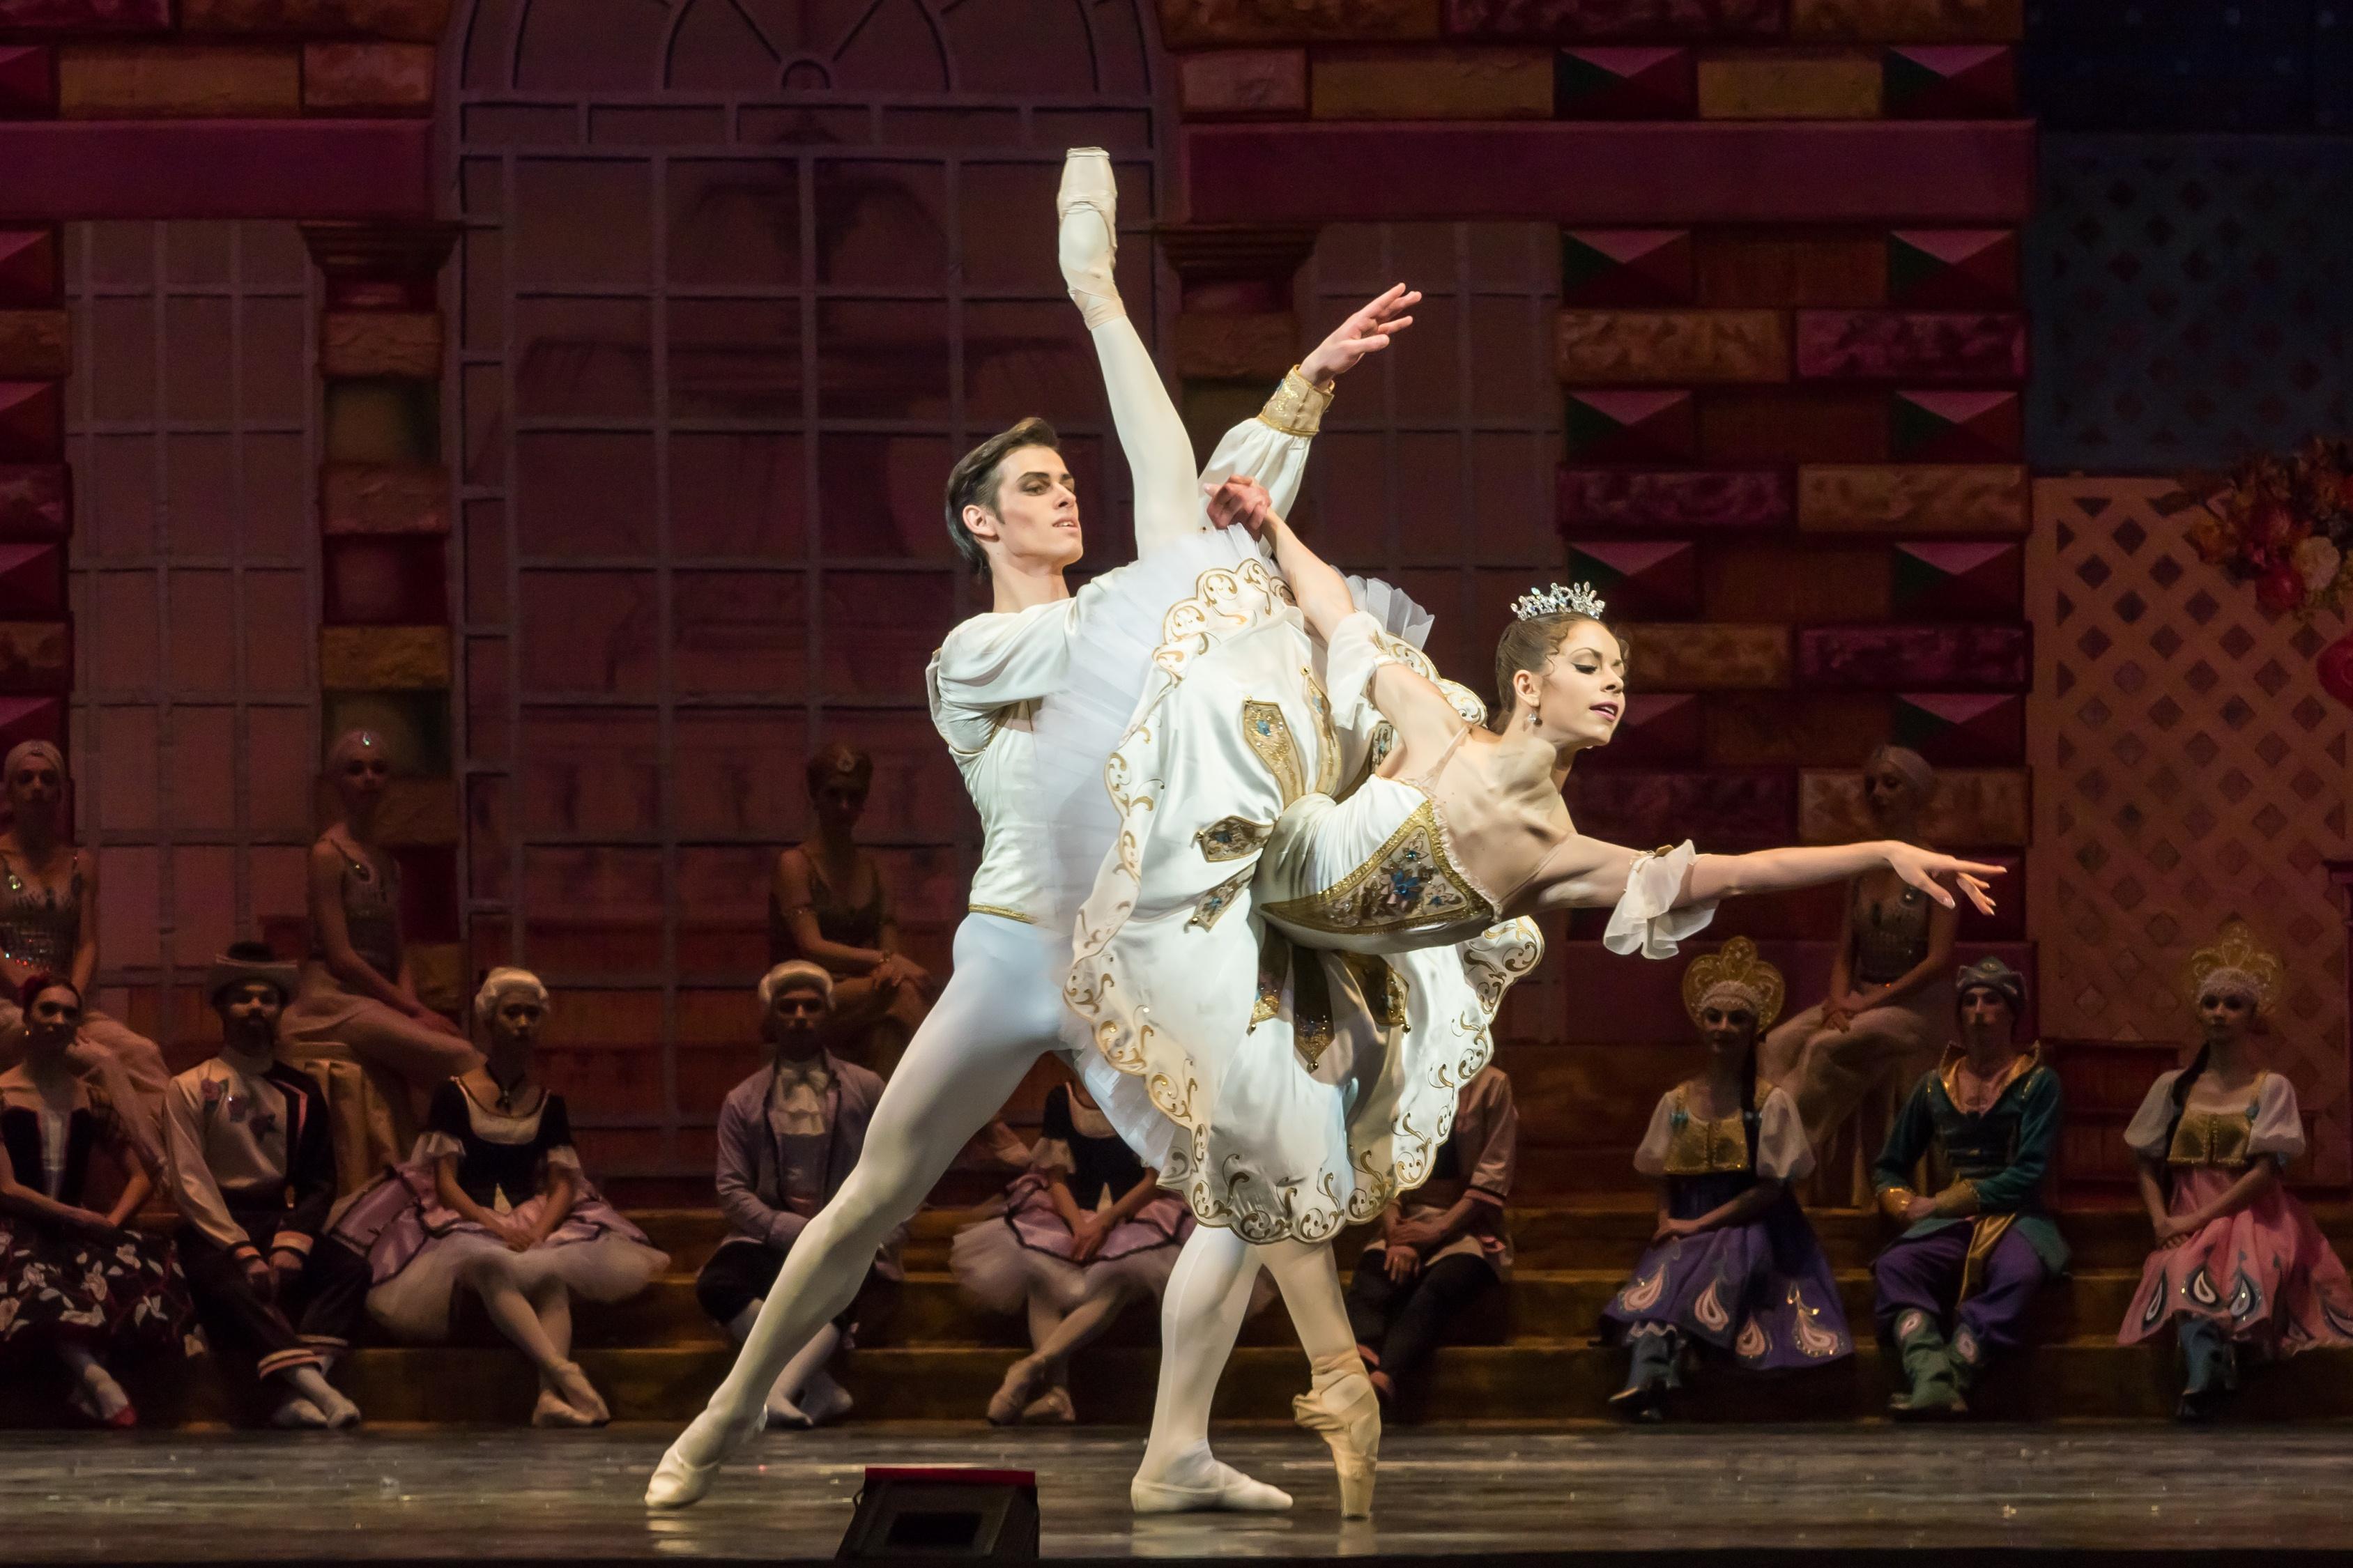 Дуэт из Екатеринбурга взял золото на балетном конкурсе в Сеуле